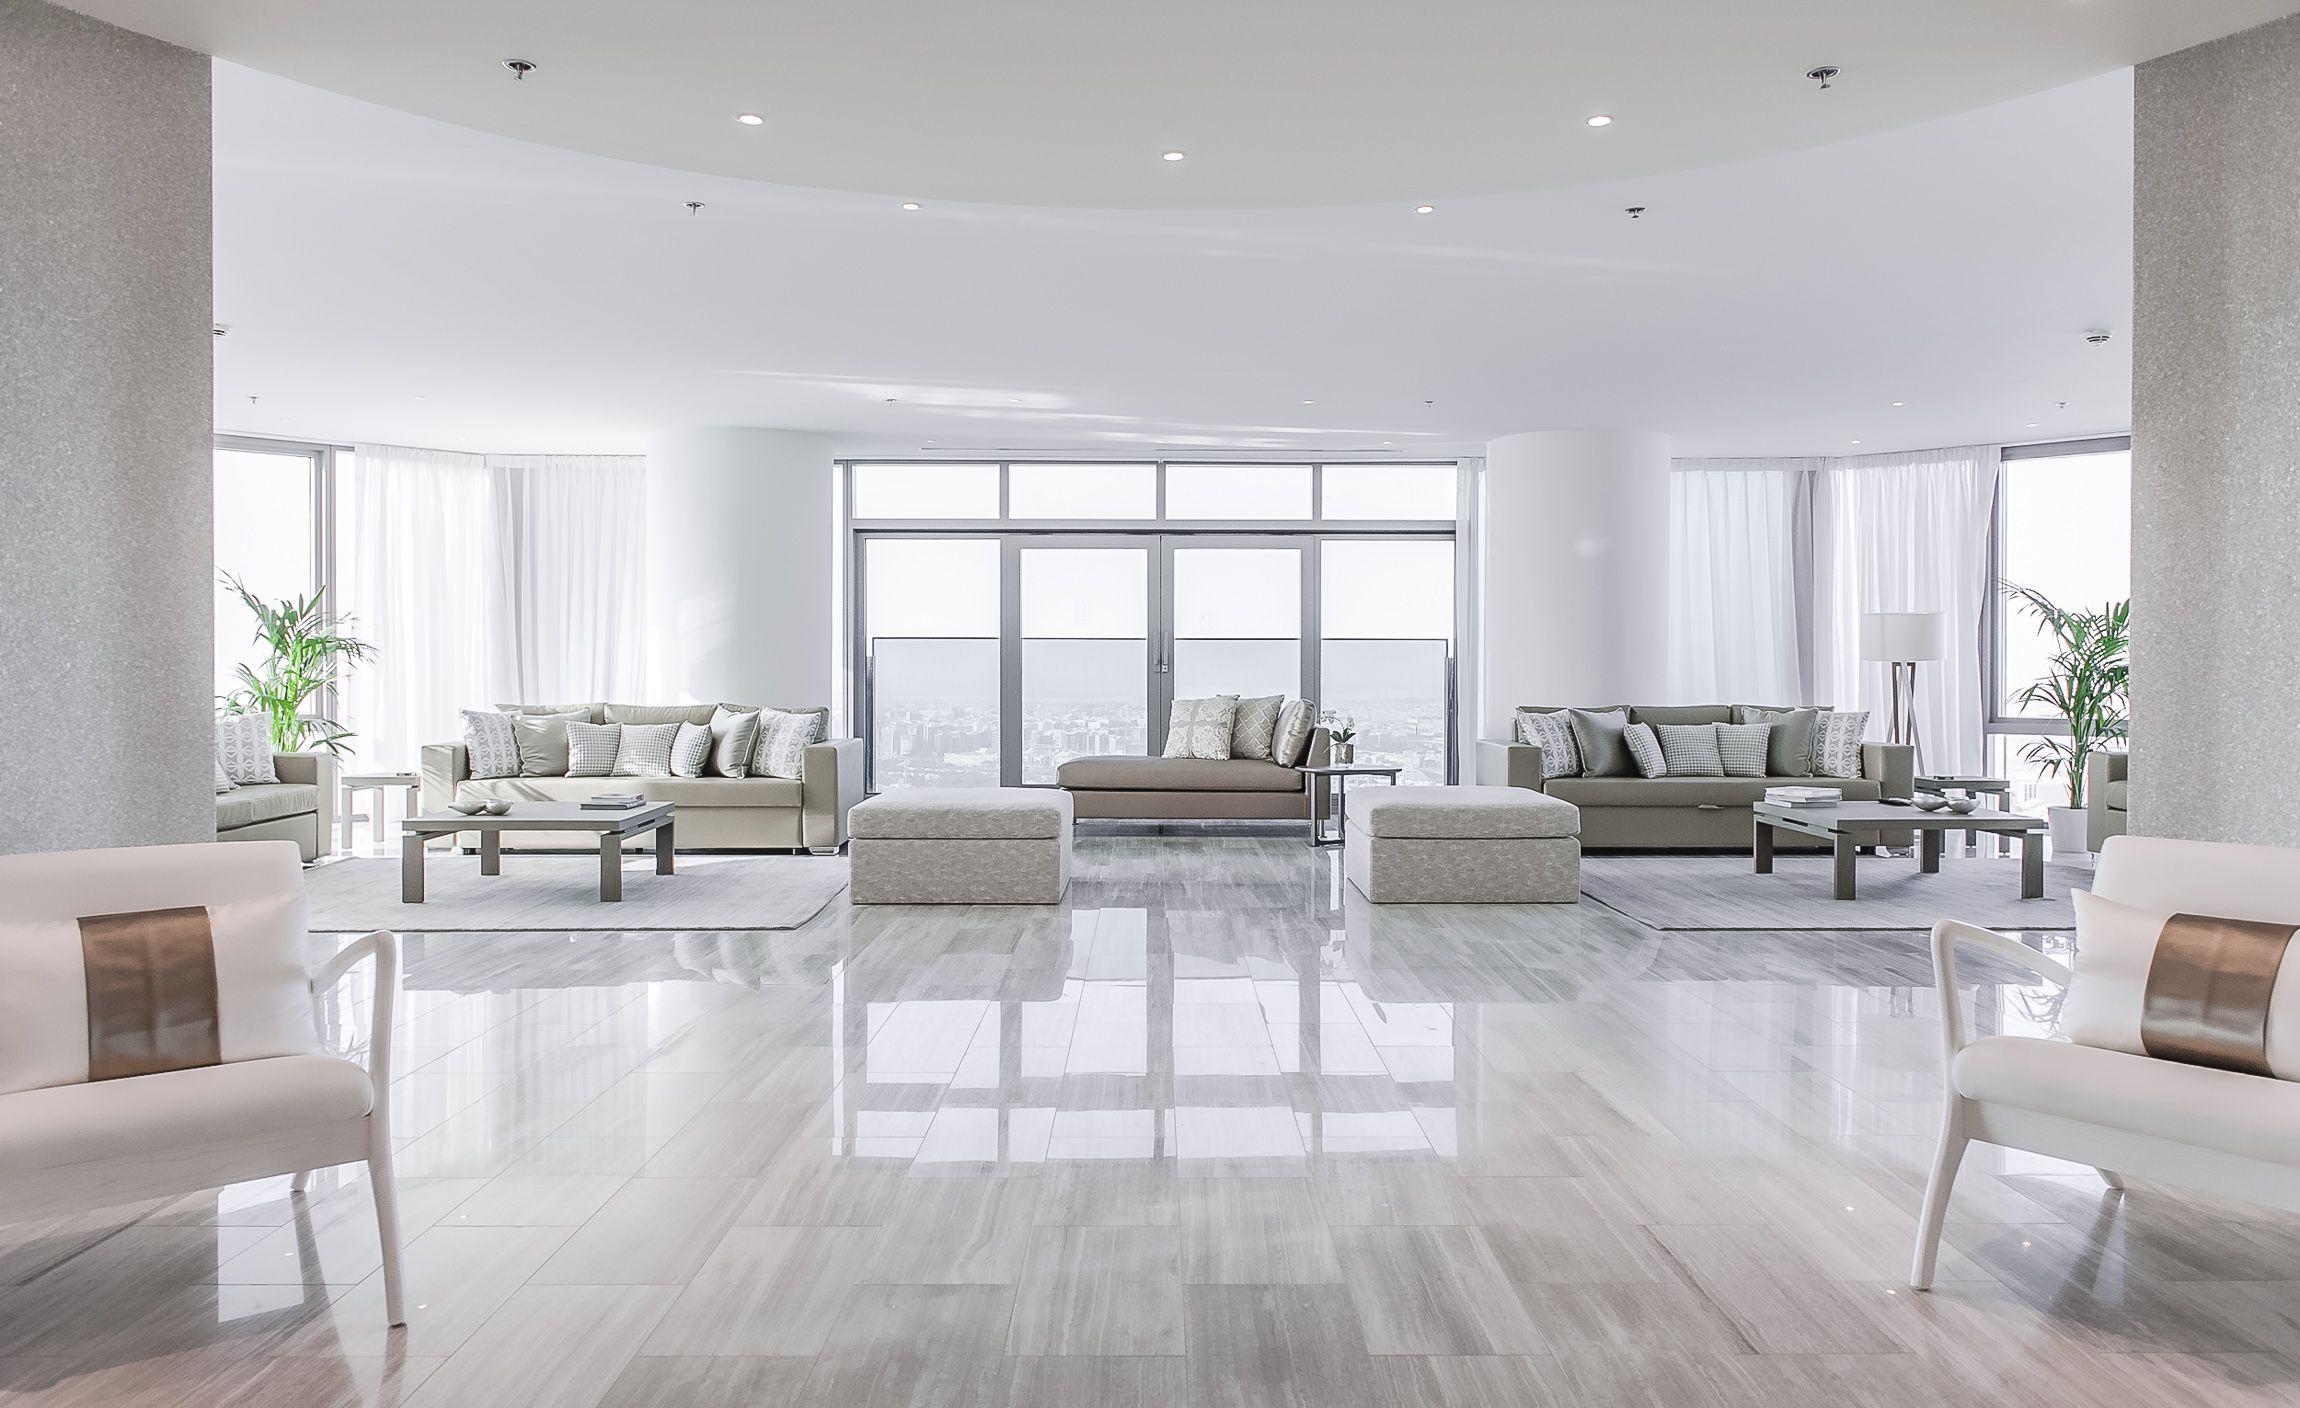 Luxury 5 Bedroom Apartment 360 view Luxury Retreats